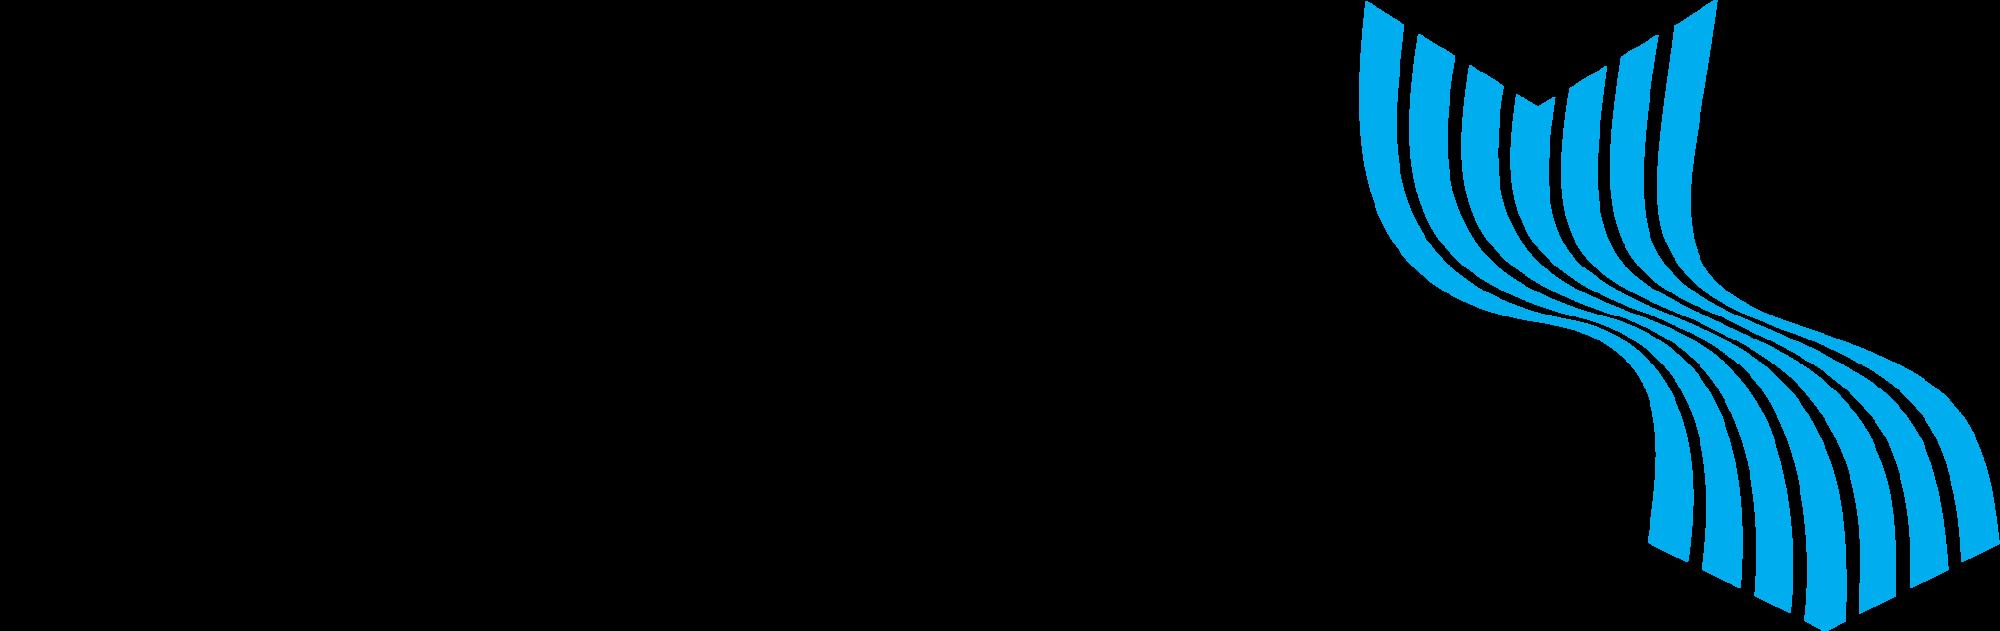 Acabamento Válvula de Descarga Docol Benefit-Chrome